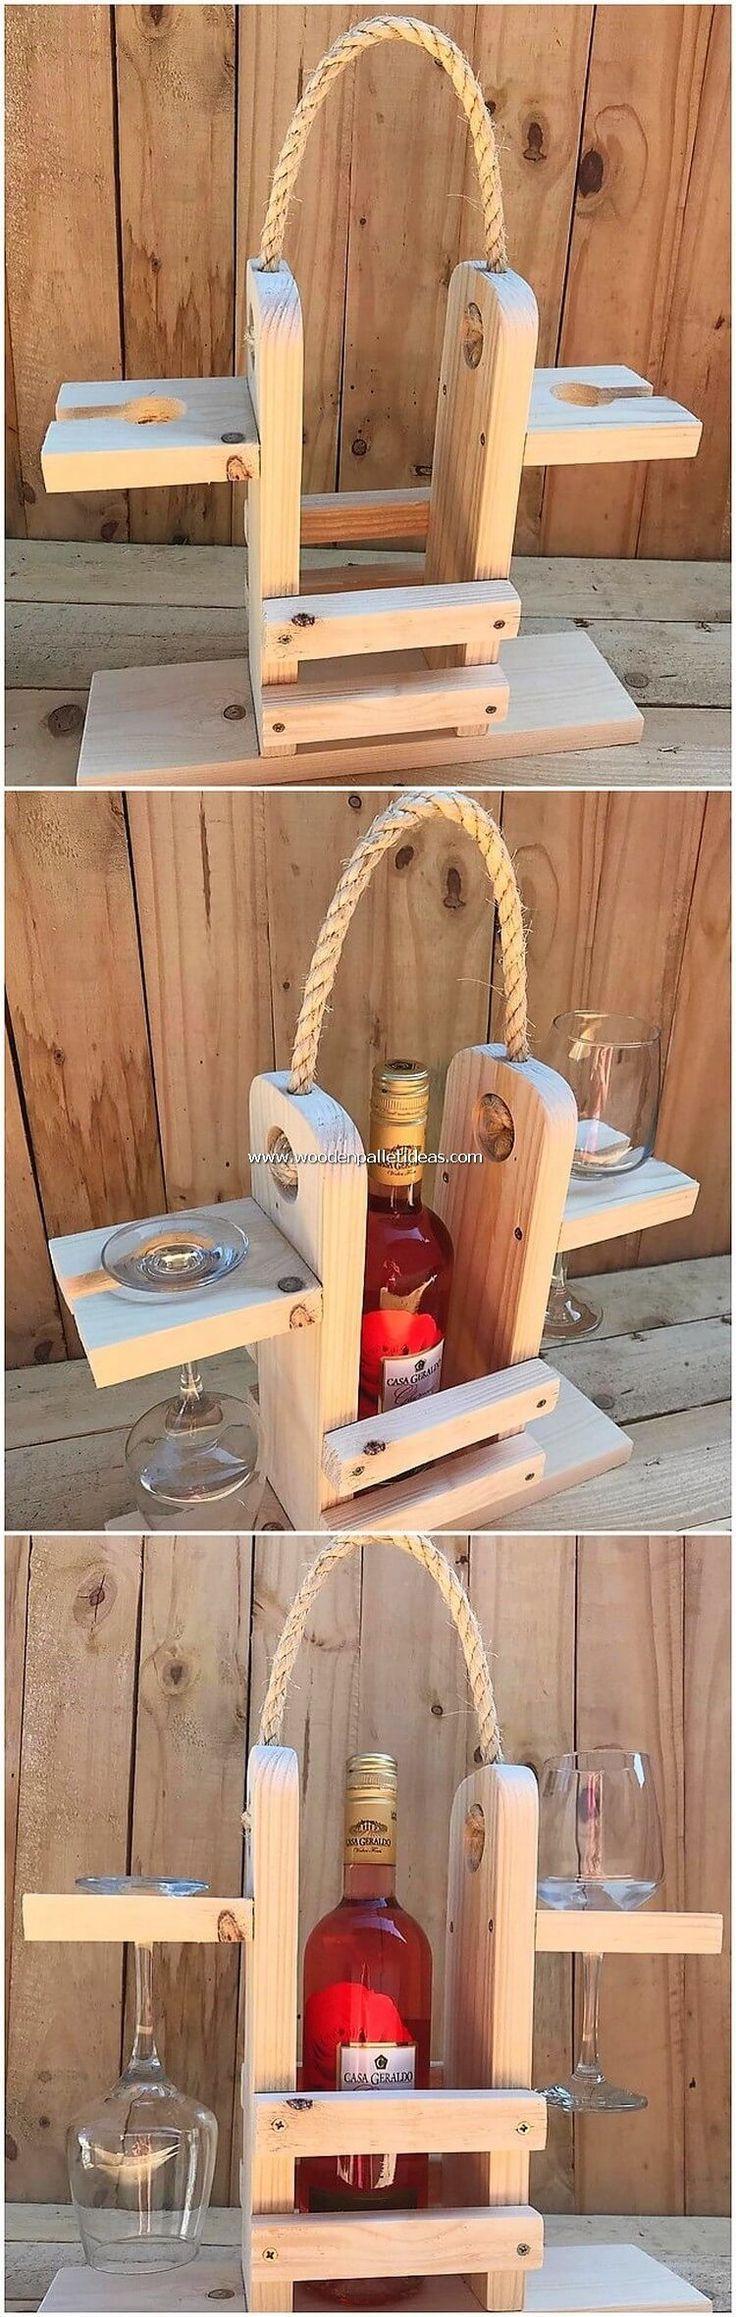 Naja nichts kann sich besser anfühlen als die Weinflaschenhalteranordnung aus Holzpal